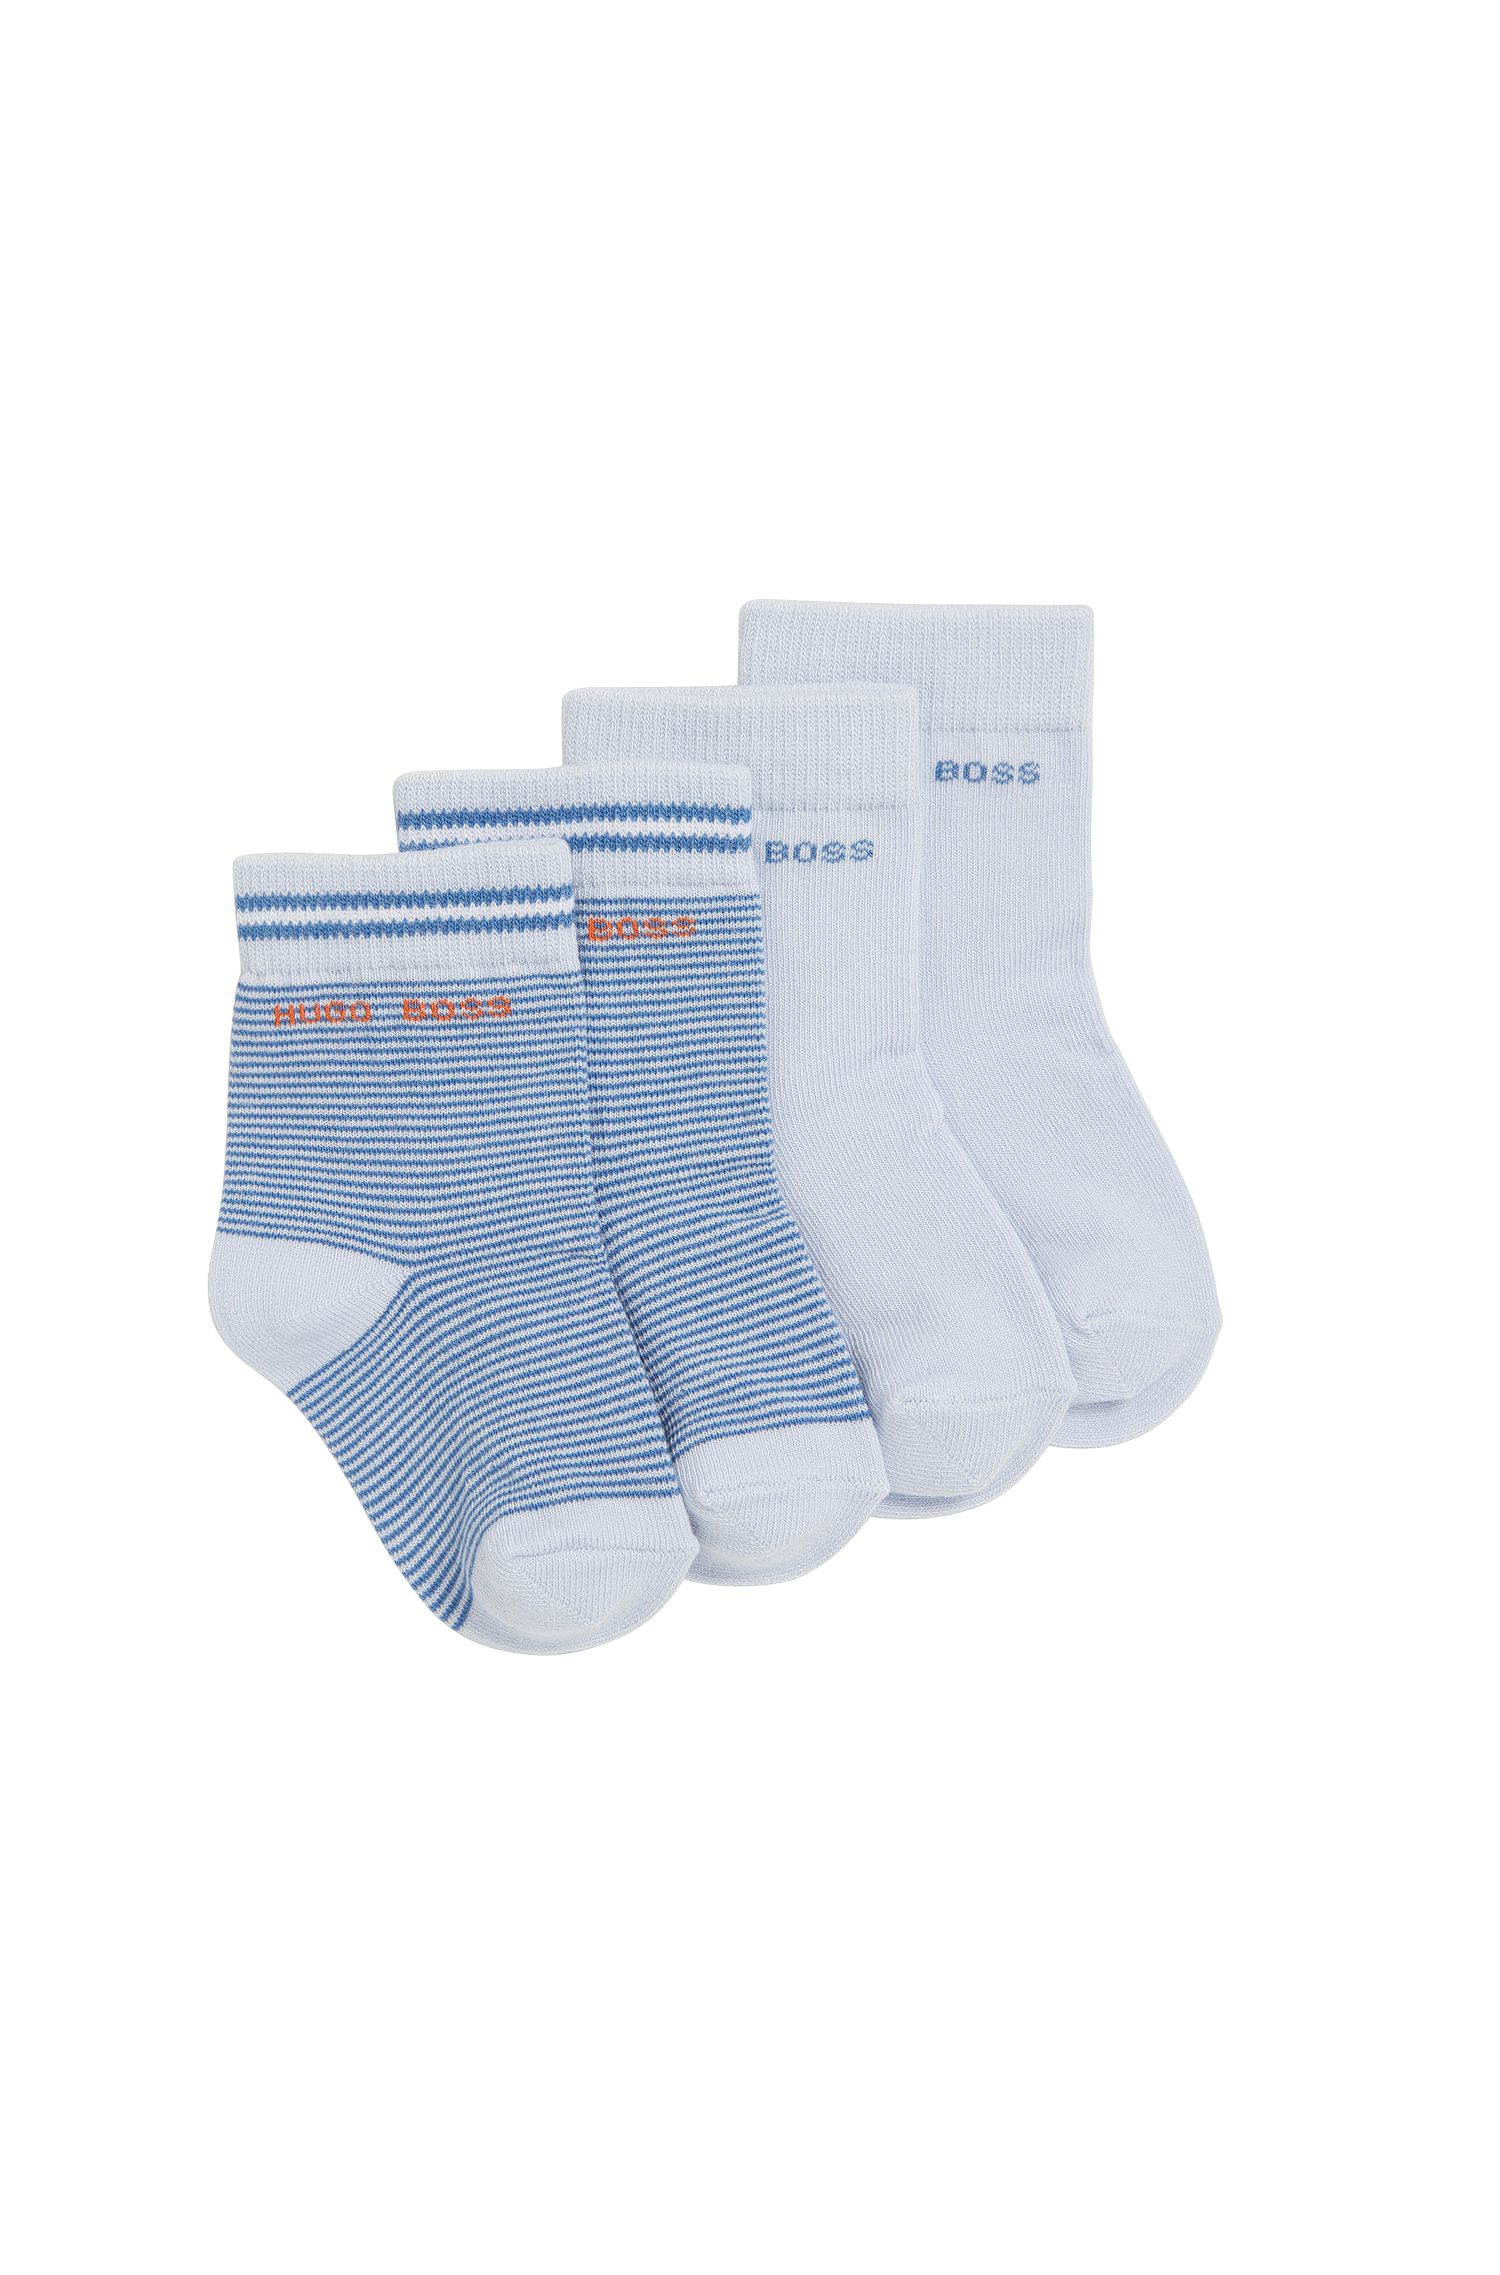 Kids-Socken aus elastischem Baumwoll-Mix im Zweier-Pack: 'J00077'